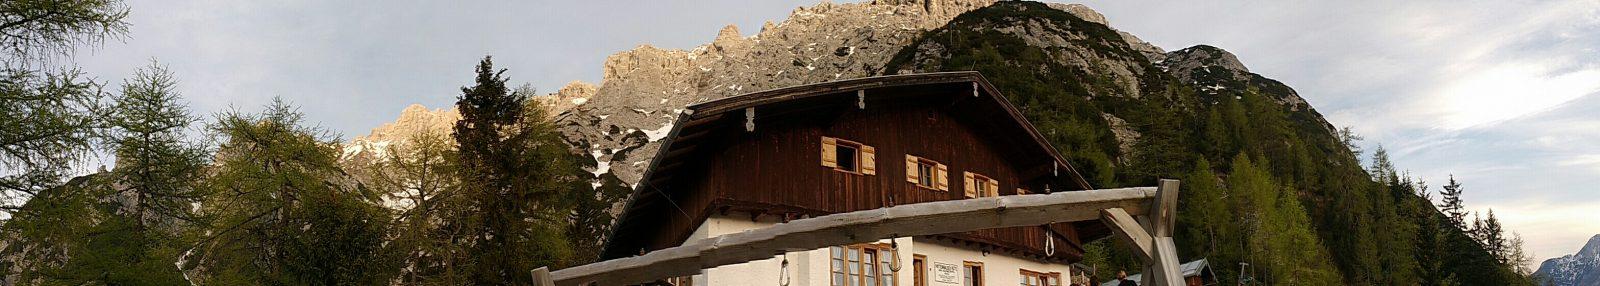 Mittenwalder Hütte DAV Karwendel